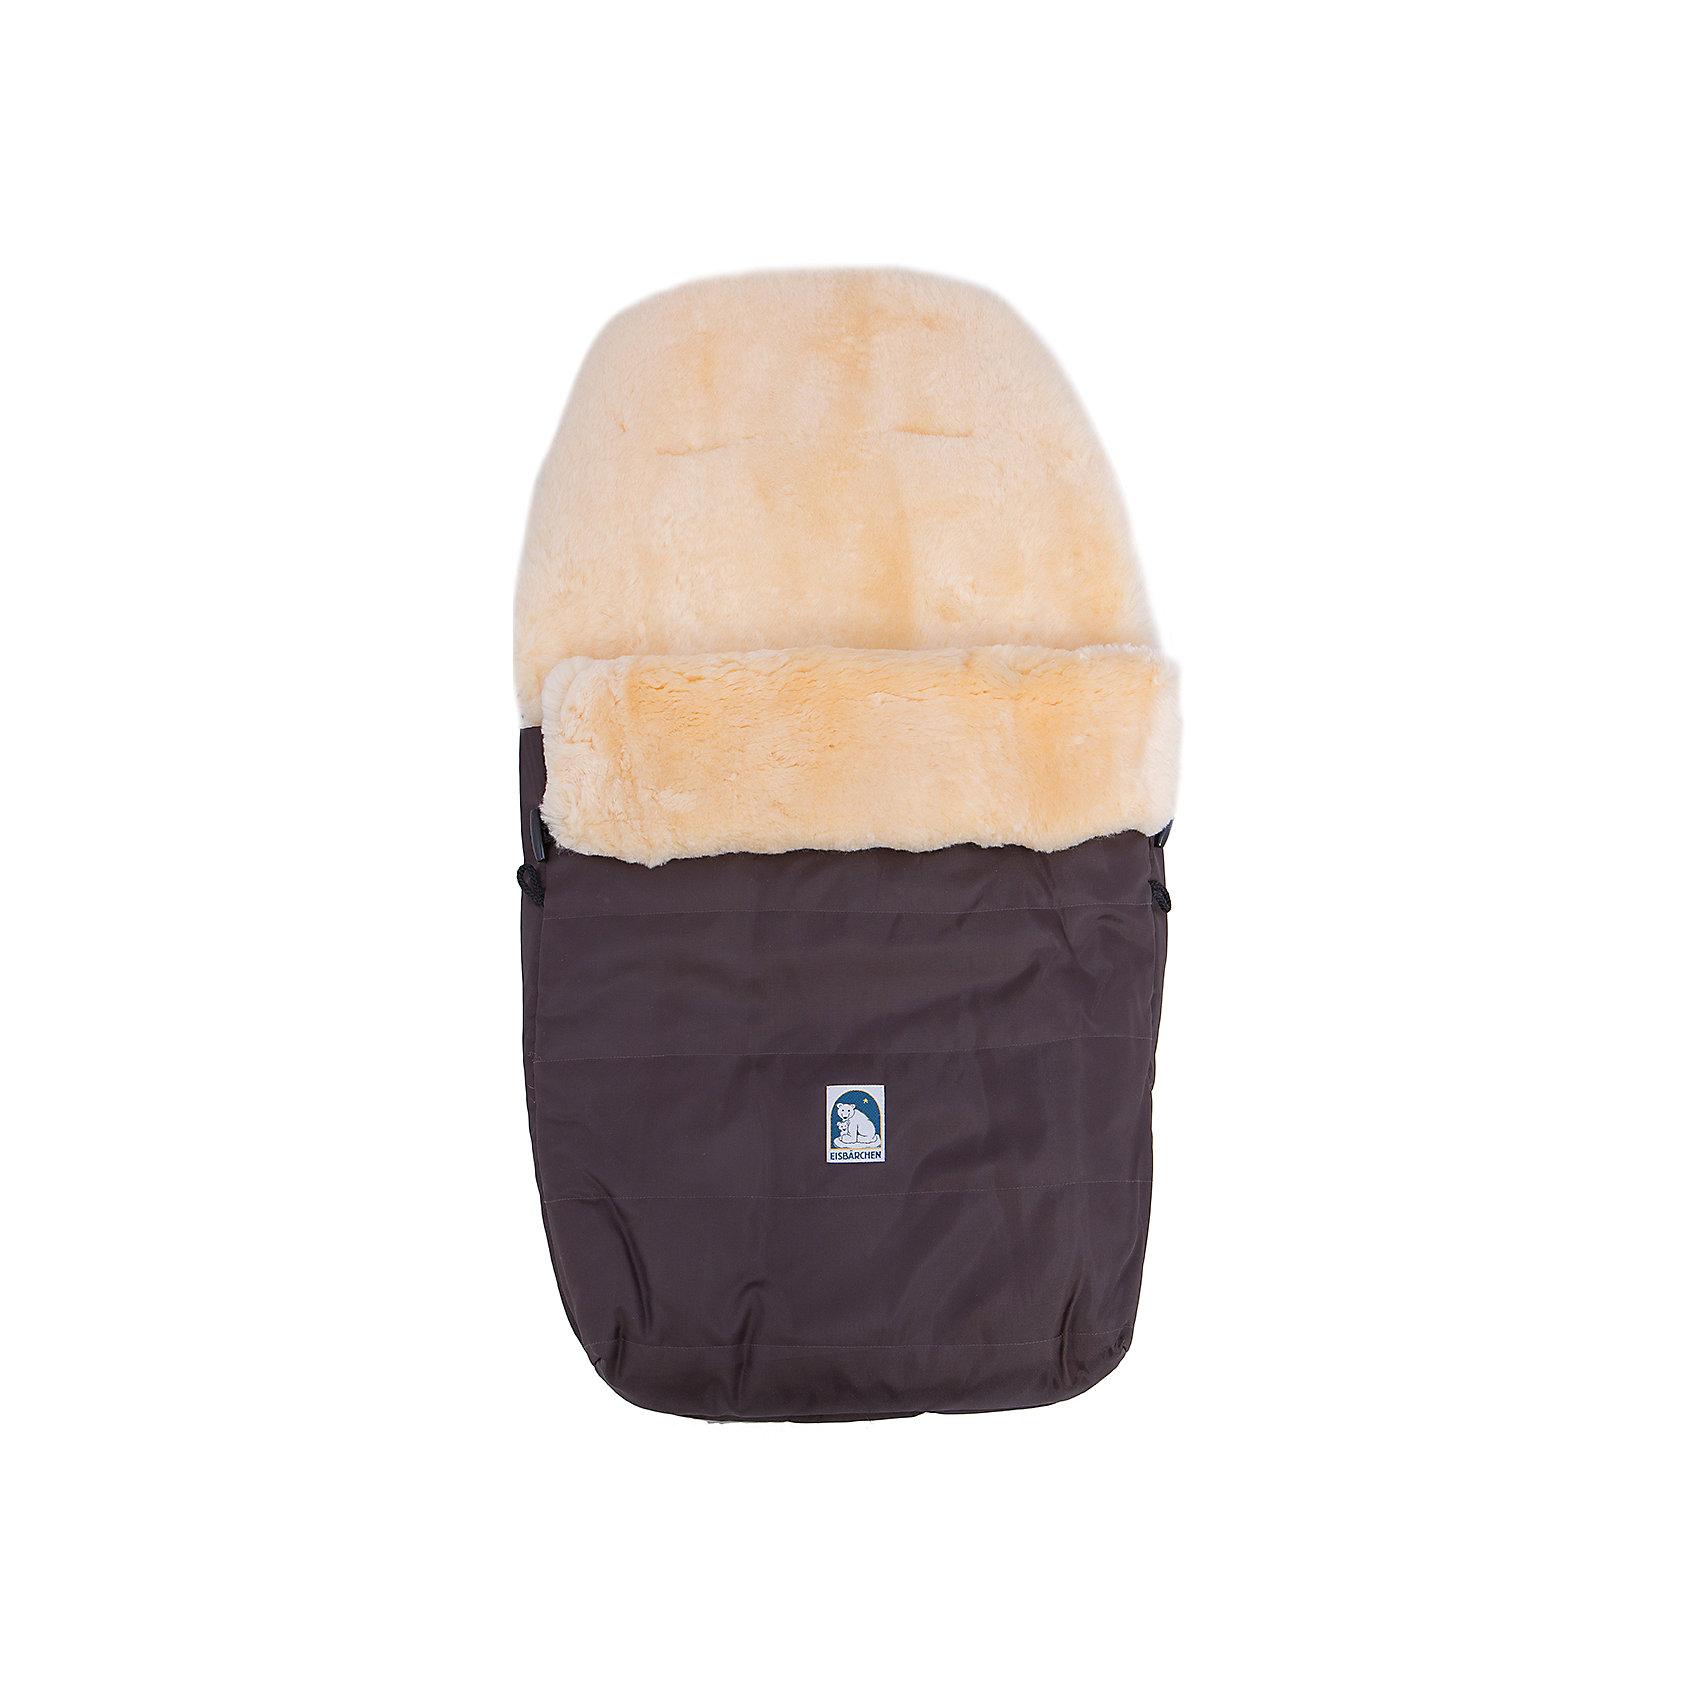 Конверт 968 МО, Heitmann Felle, моккаЗимние конверты<br>Меховой конверт Heitmann Felle предназначен для прогулок с малышом, в том числе, в коляске и автокресле. Мех ягненка внутри конверта имеет высоту в 30 мм и прекрасно сохранит тепло и уют для крохи. Материалы, из которых изготовлен конверт, гипоаллергенны и водонепроницаемы. Удобно застегивается с помощью двухсторонней молнии.  Для безопасных прогулок в коляске предусмотрены прорези для пятиточечных ремней безопасности. Конверт можно стирать при температуре 30°. Подарите крохе тепло и комфорт с конвертом Heitmann Felle!<br><br>Дополнительная информация:<br>-антиаллергенный материал<br>-верх отстегивается<br>-двухсторонняя молния<br><br>Материал: овчина, ткань<br>Размер: 90х50 см<br>Вес: 3 кг<br>Цвет: мокка<br>Вы можете приобрести конверт Heitmann Felle в нашем интернет-магазине.<br><br>Ширина мм: 860<br>Глубина мм: 490<br>Высота мм: 100<br>Вес г: 2000<br>Возраст от месяцев: 0<br>Возраст до месяцев: 12<br>Пол: Унисекс<br>Возраст: Детский<br>SKU: 4977807